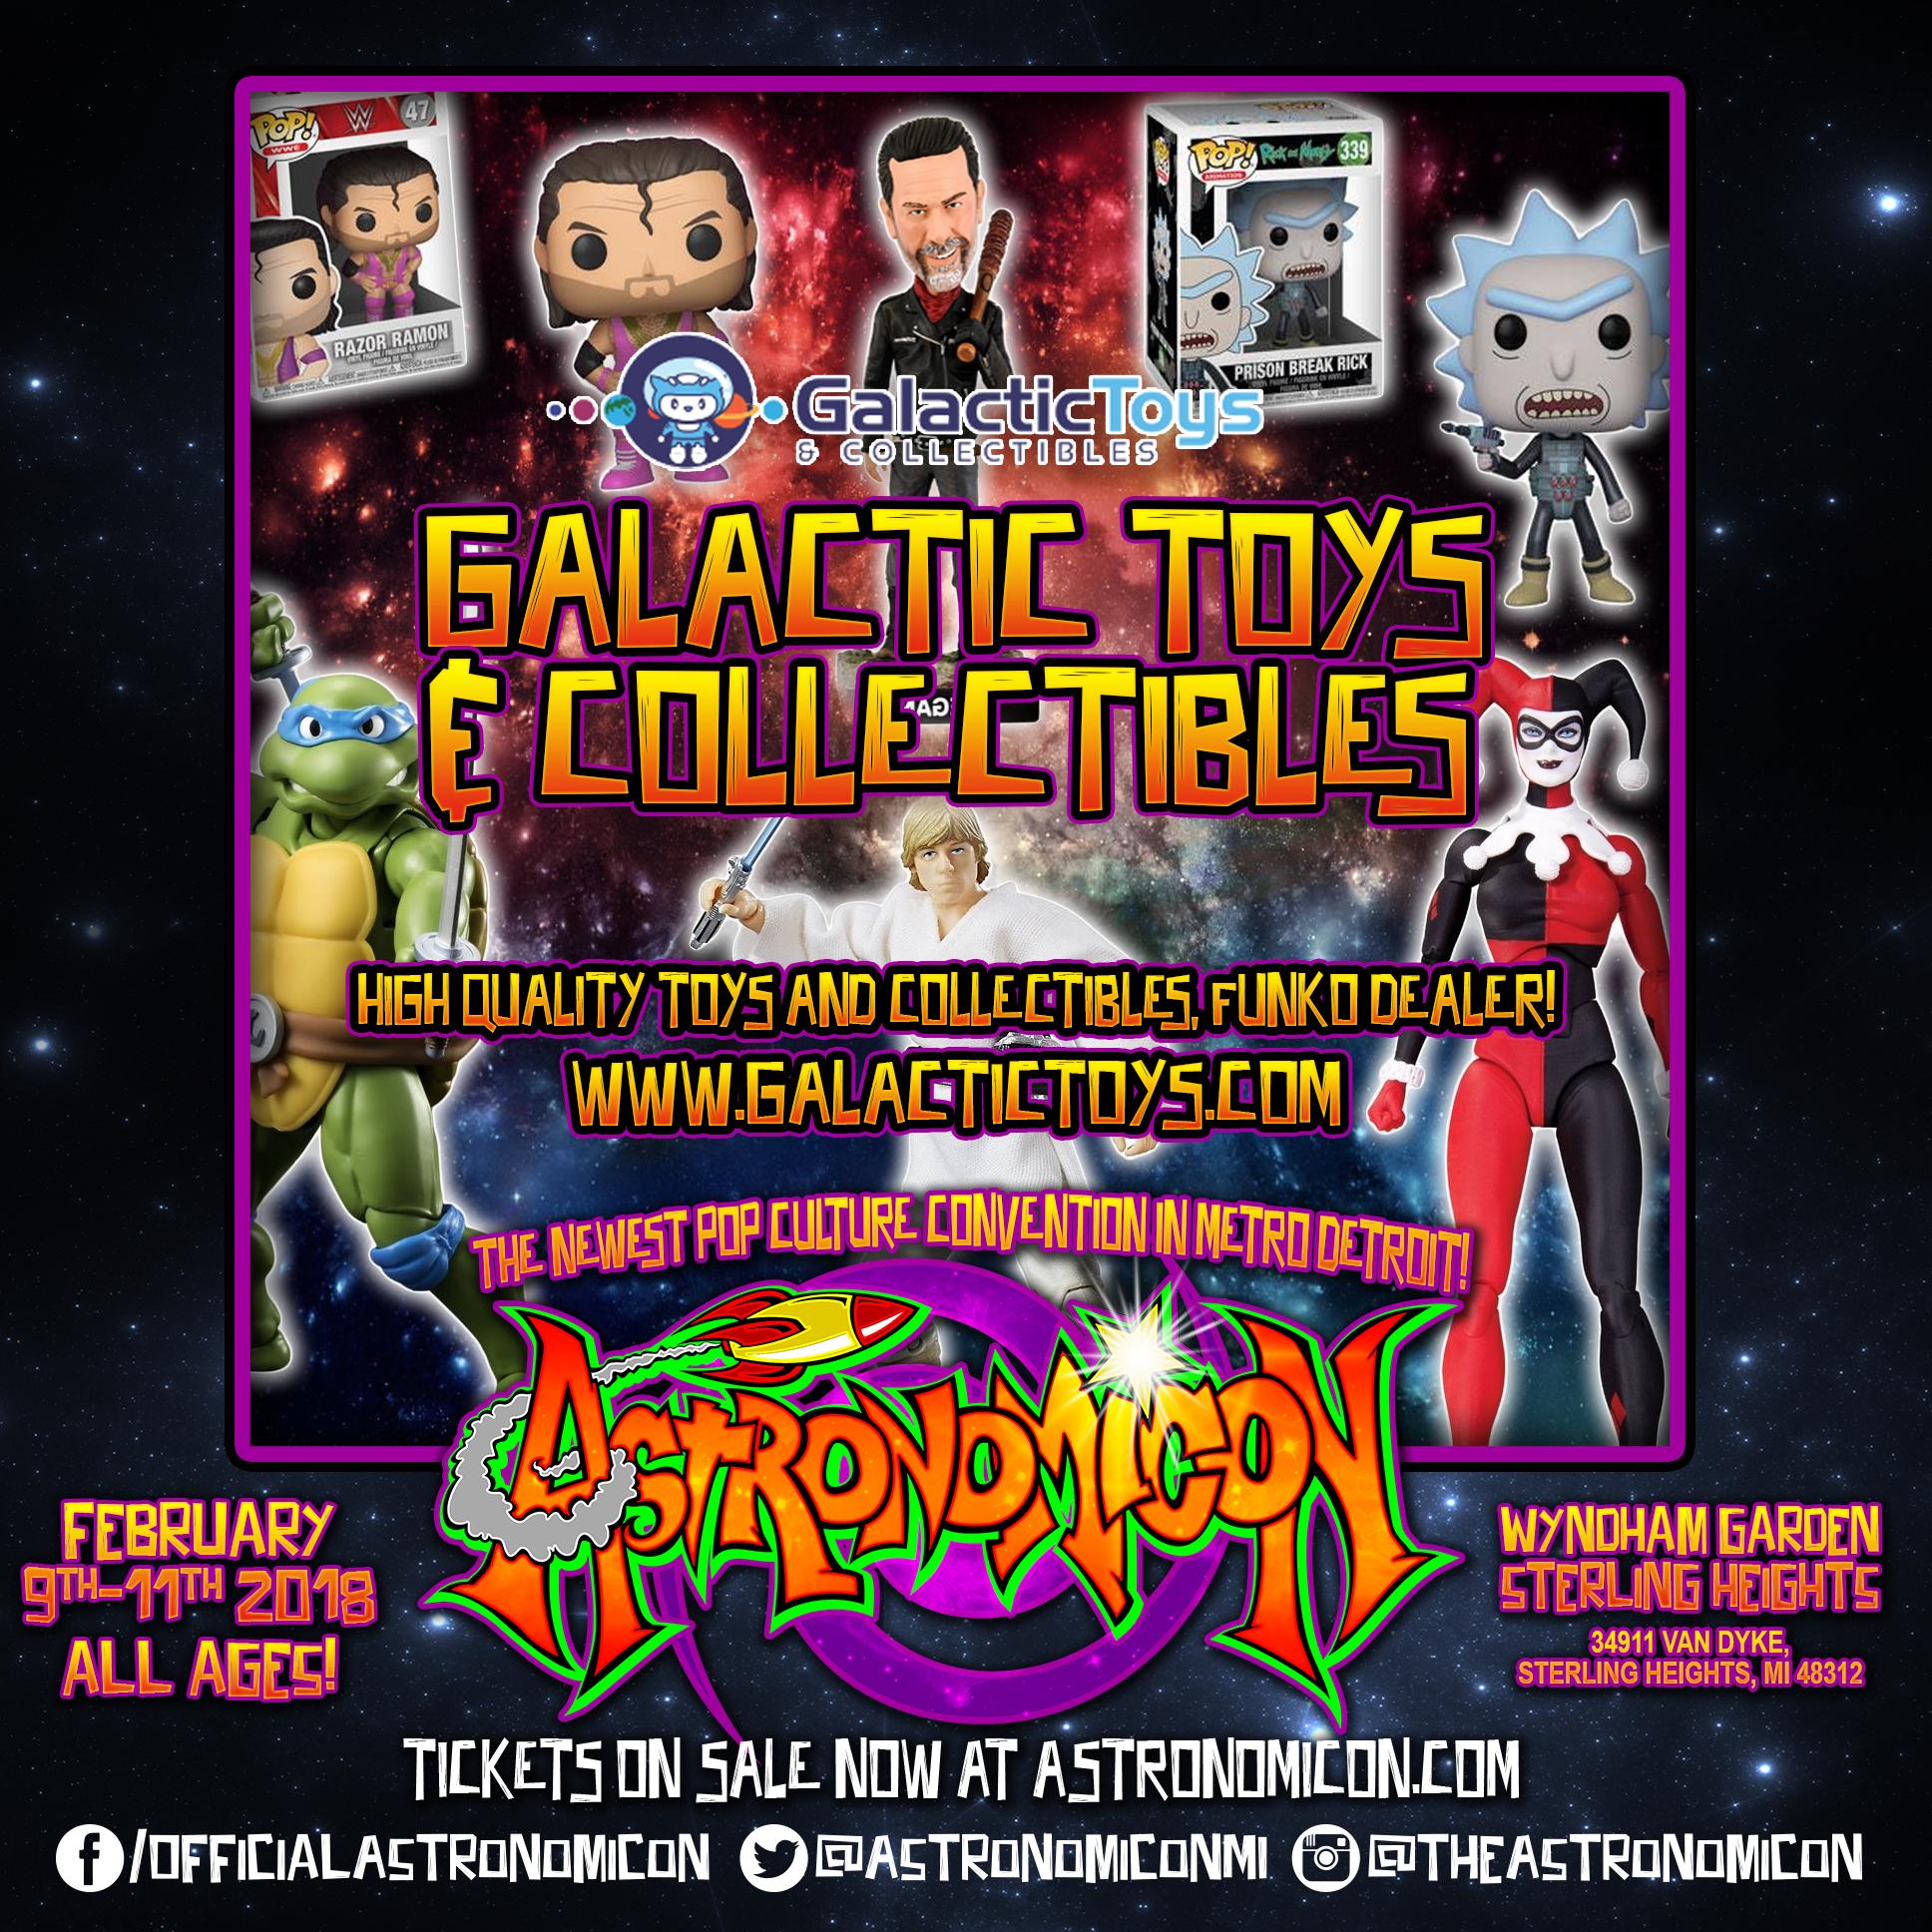 Galactic Toys -  www.galactictoys.com